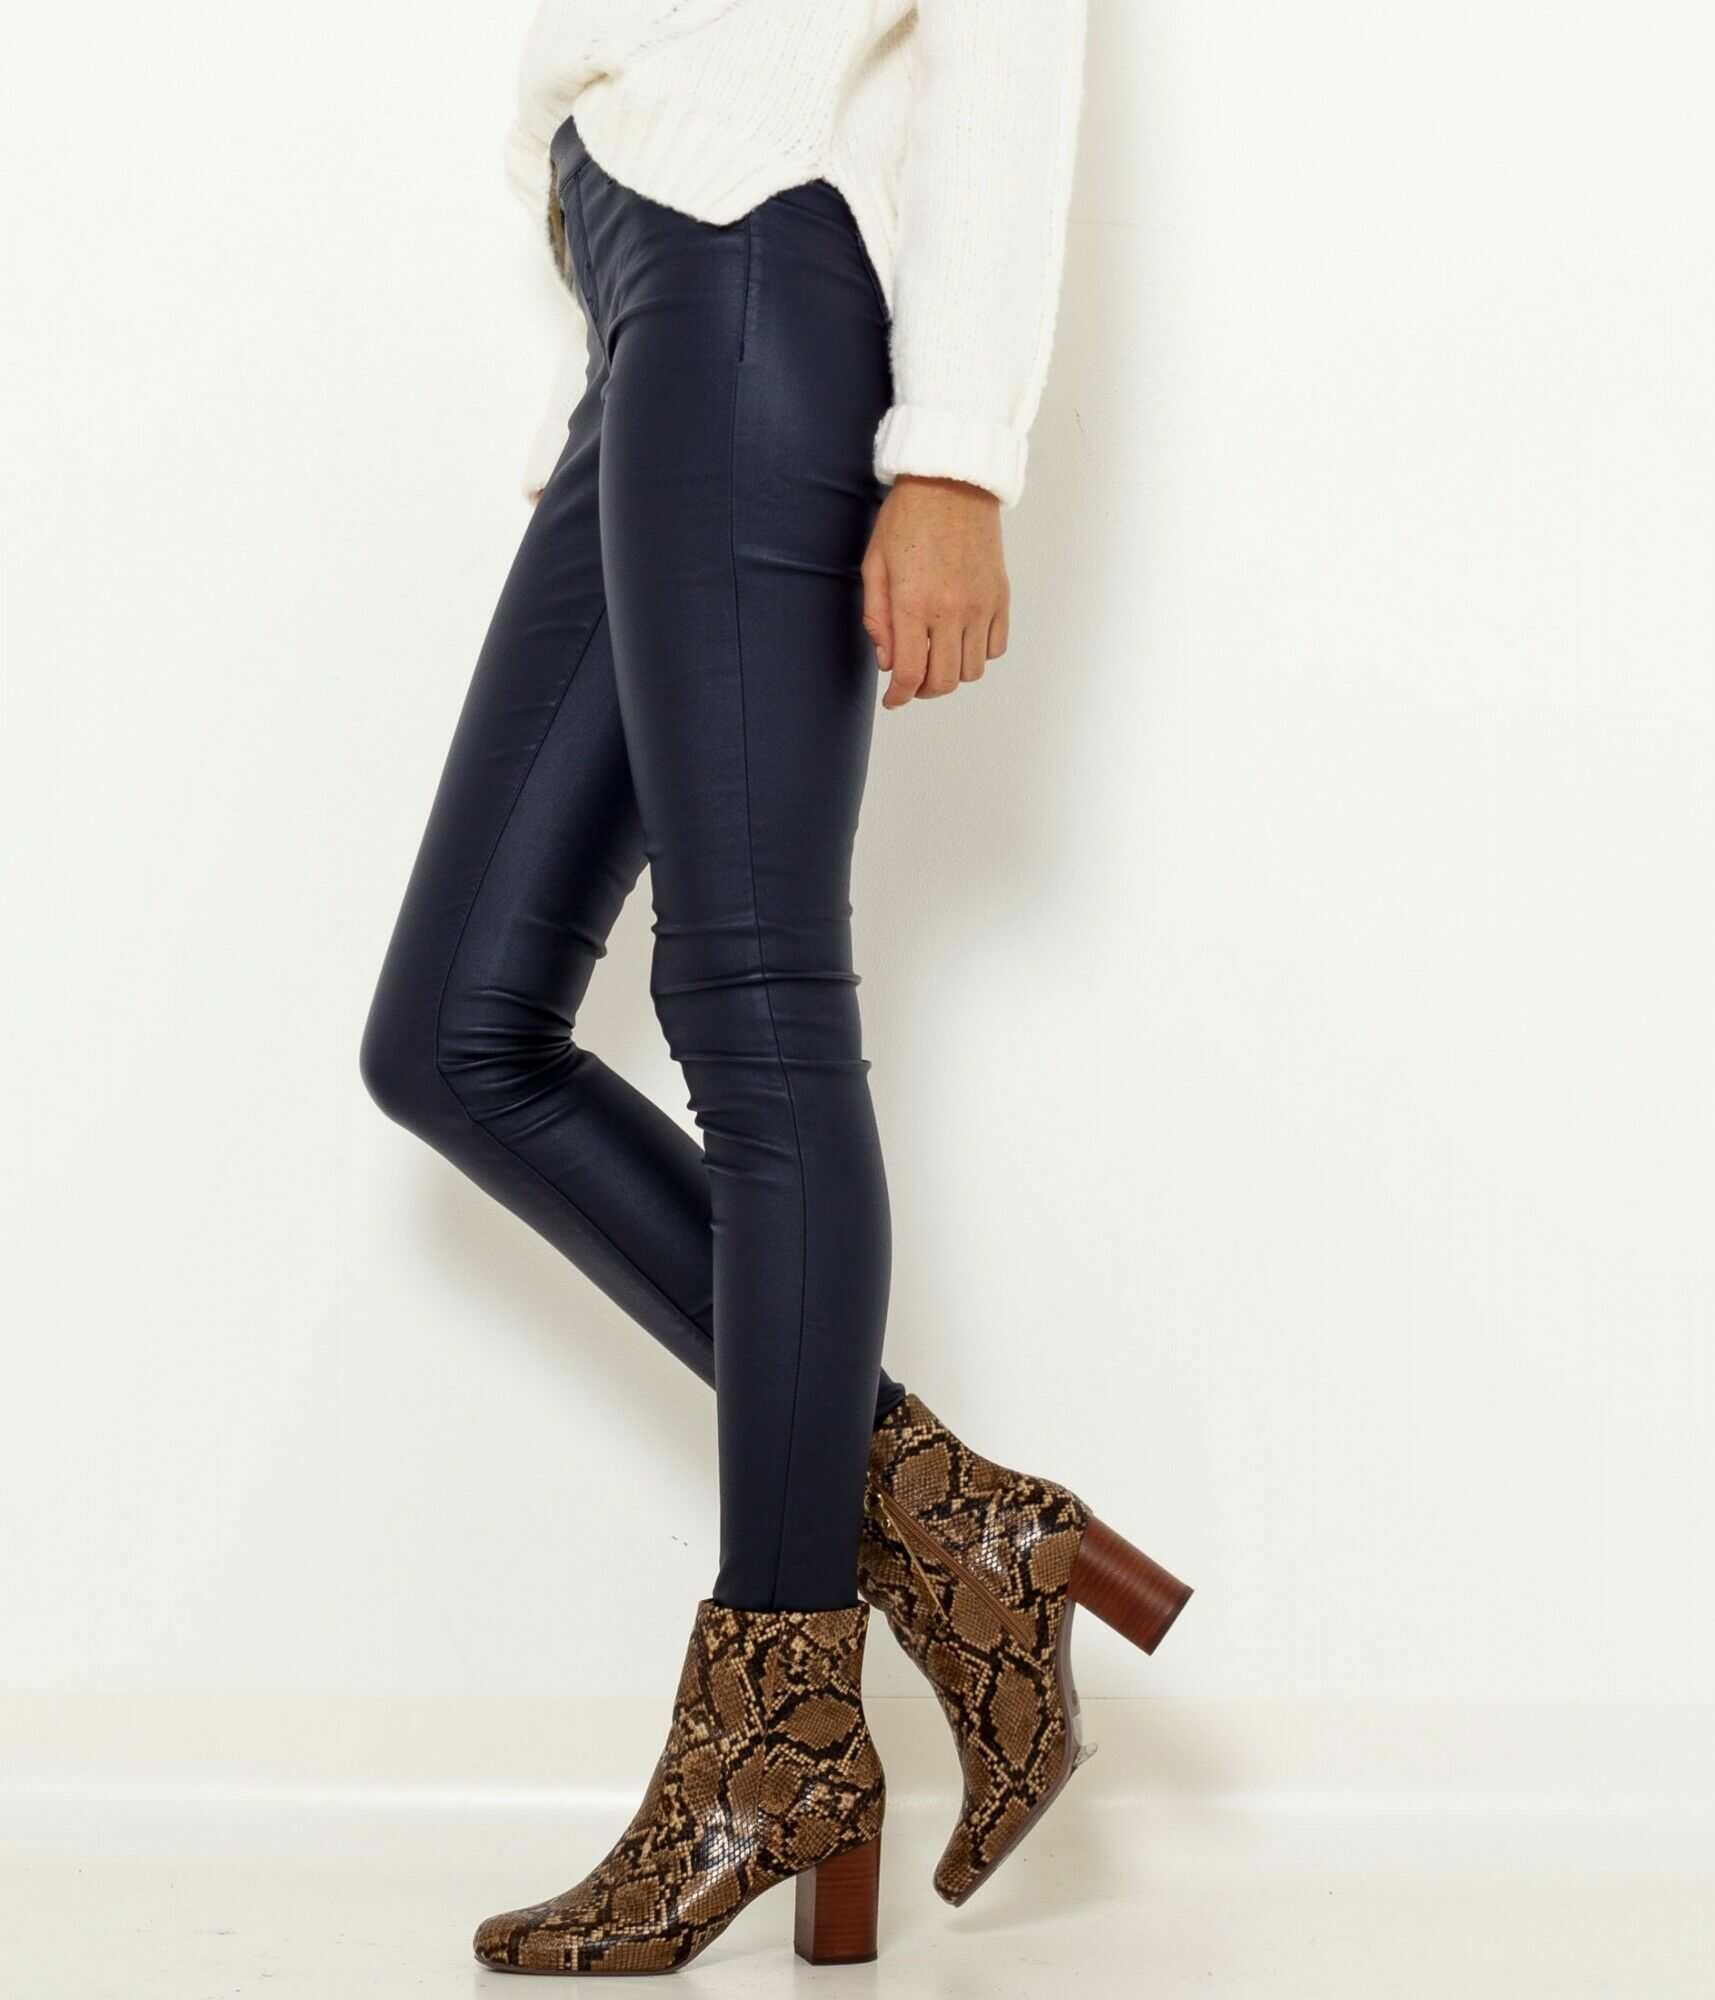 CAMAIEU niebieski ze skóry ekologicznej spodnie